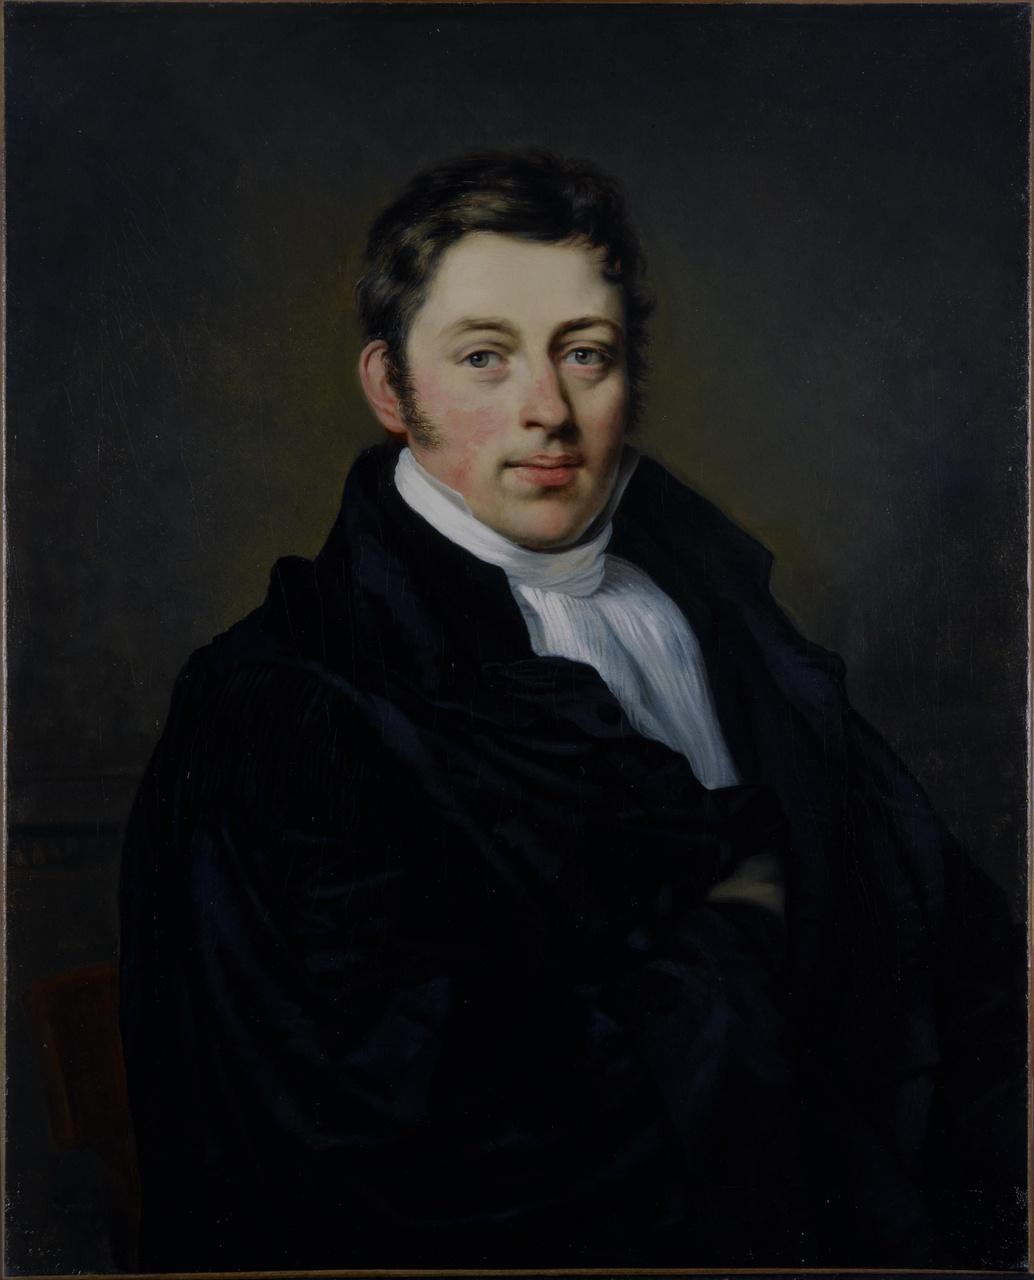 Portret van Jacob Constantijn Martens van Sevenhoven (1793-1861)